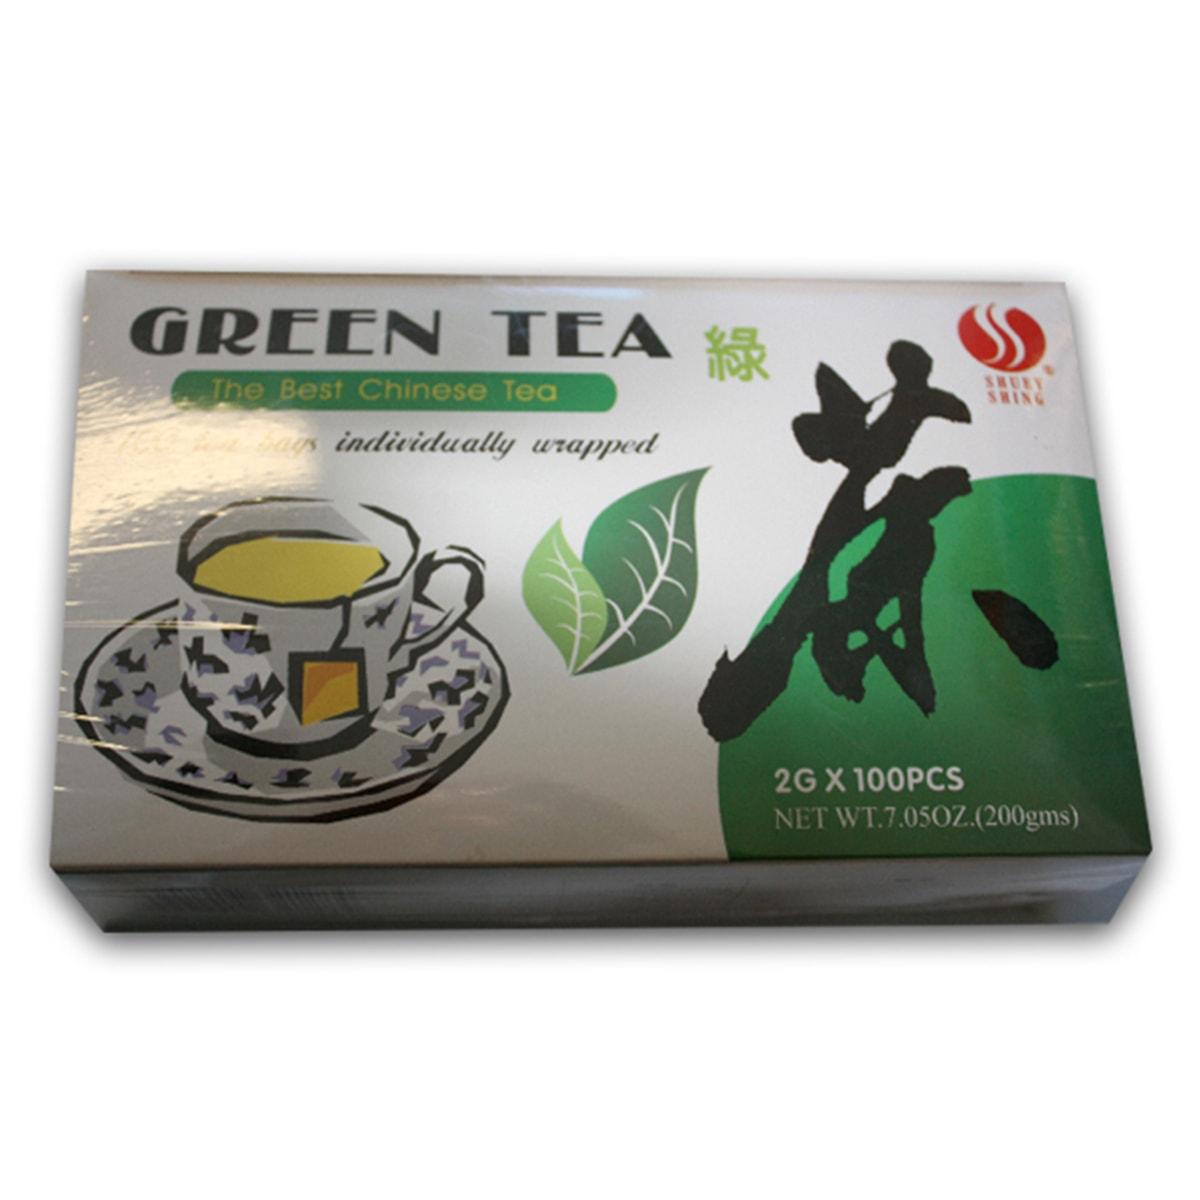 Buy Shuey Shing Green Tea (100 Teabags) - 200 gm